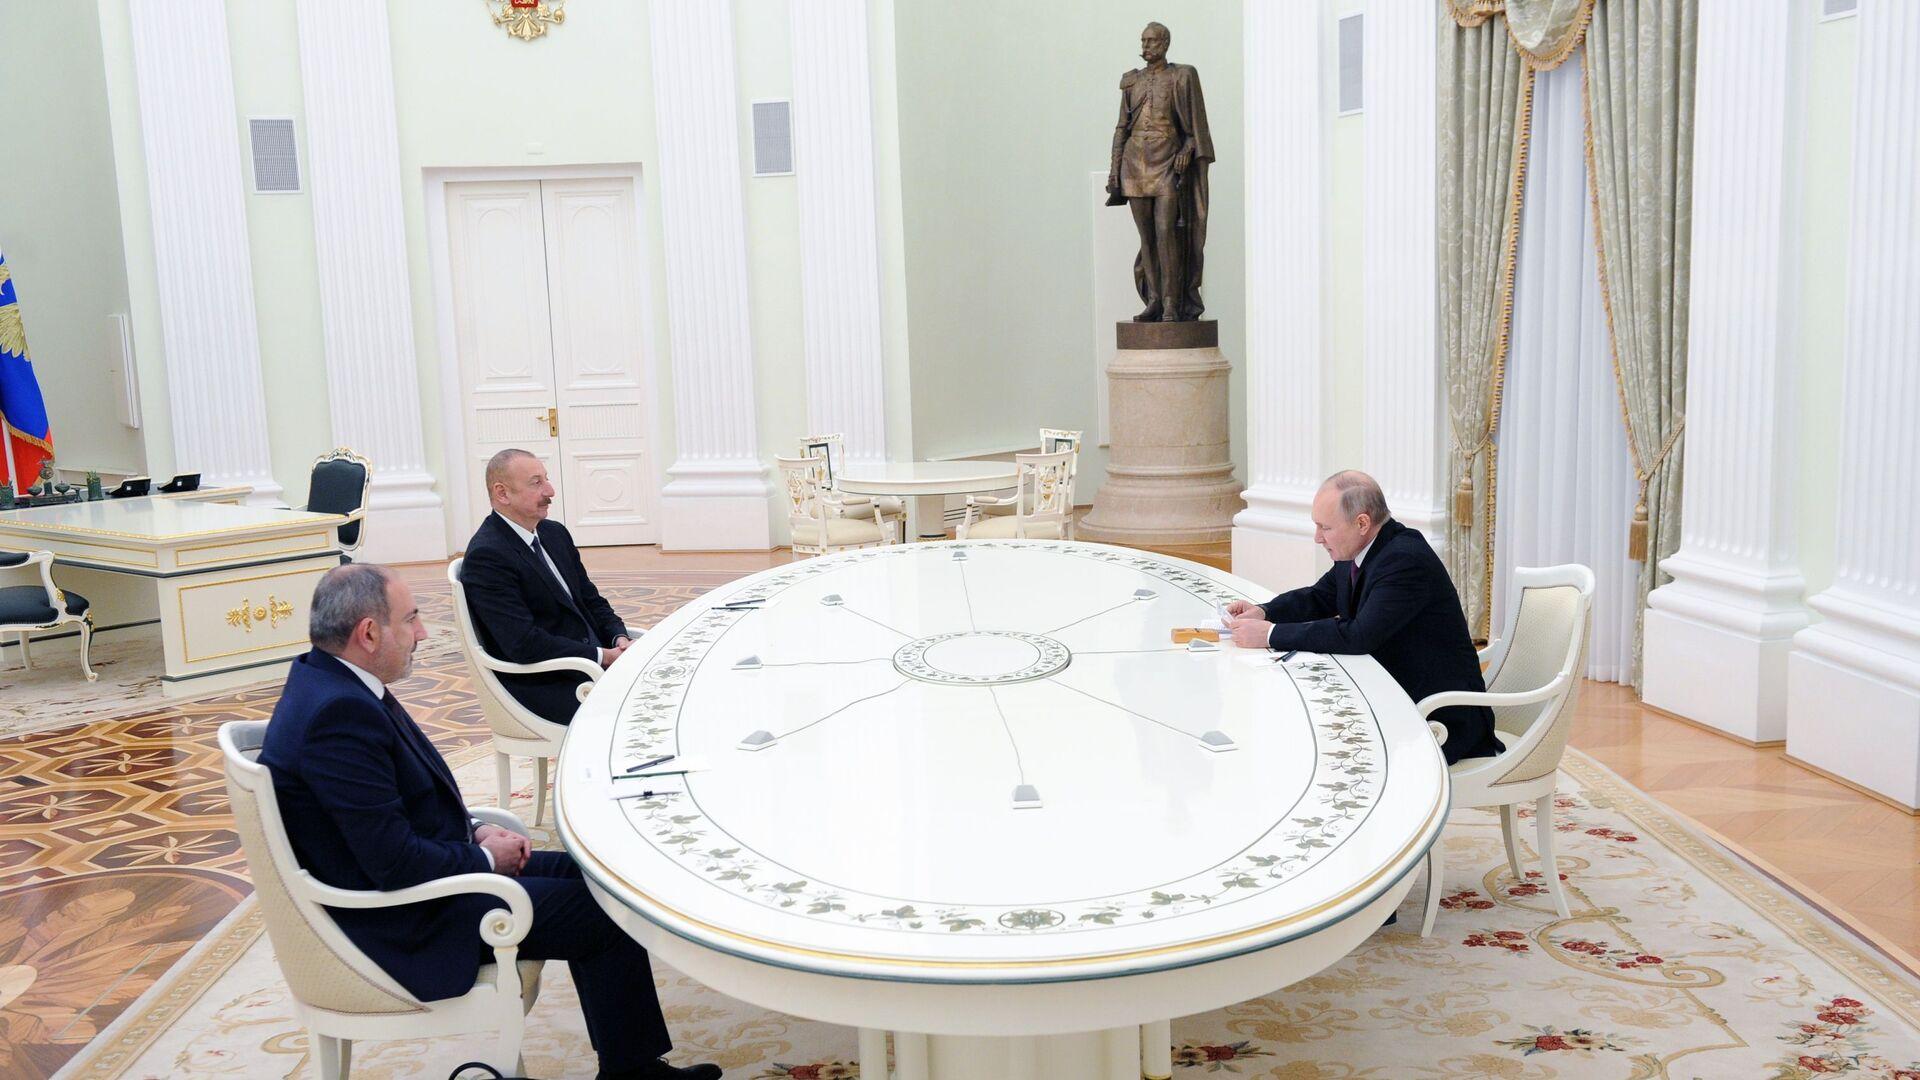 ՀՀ վարչապետ Նիկոլ Փաշինյանը ՌԴ նախագահ Վլադիմիր Պուտինը և Ադրբեջանի նախագահ Իլհամ Ալիևը - Sputnik Արմենիա, 1920, 24.09.2021